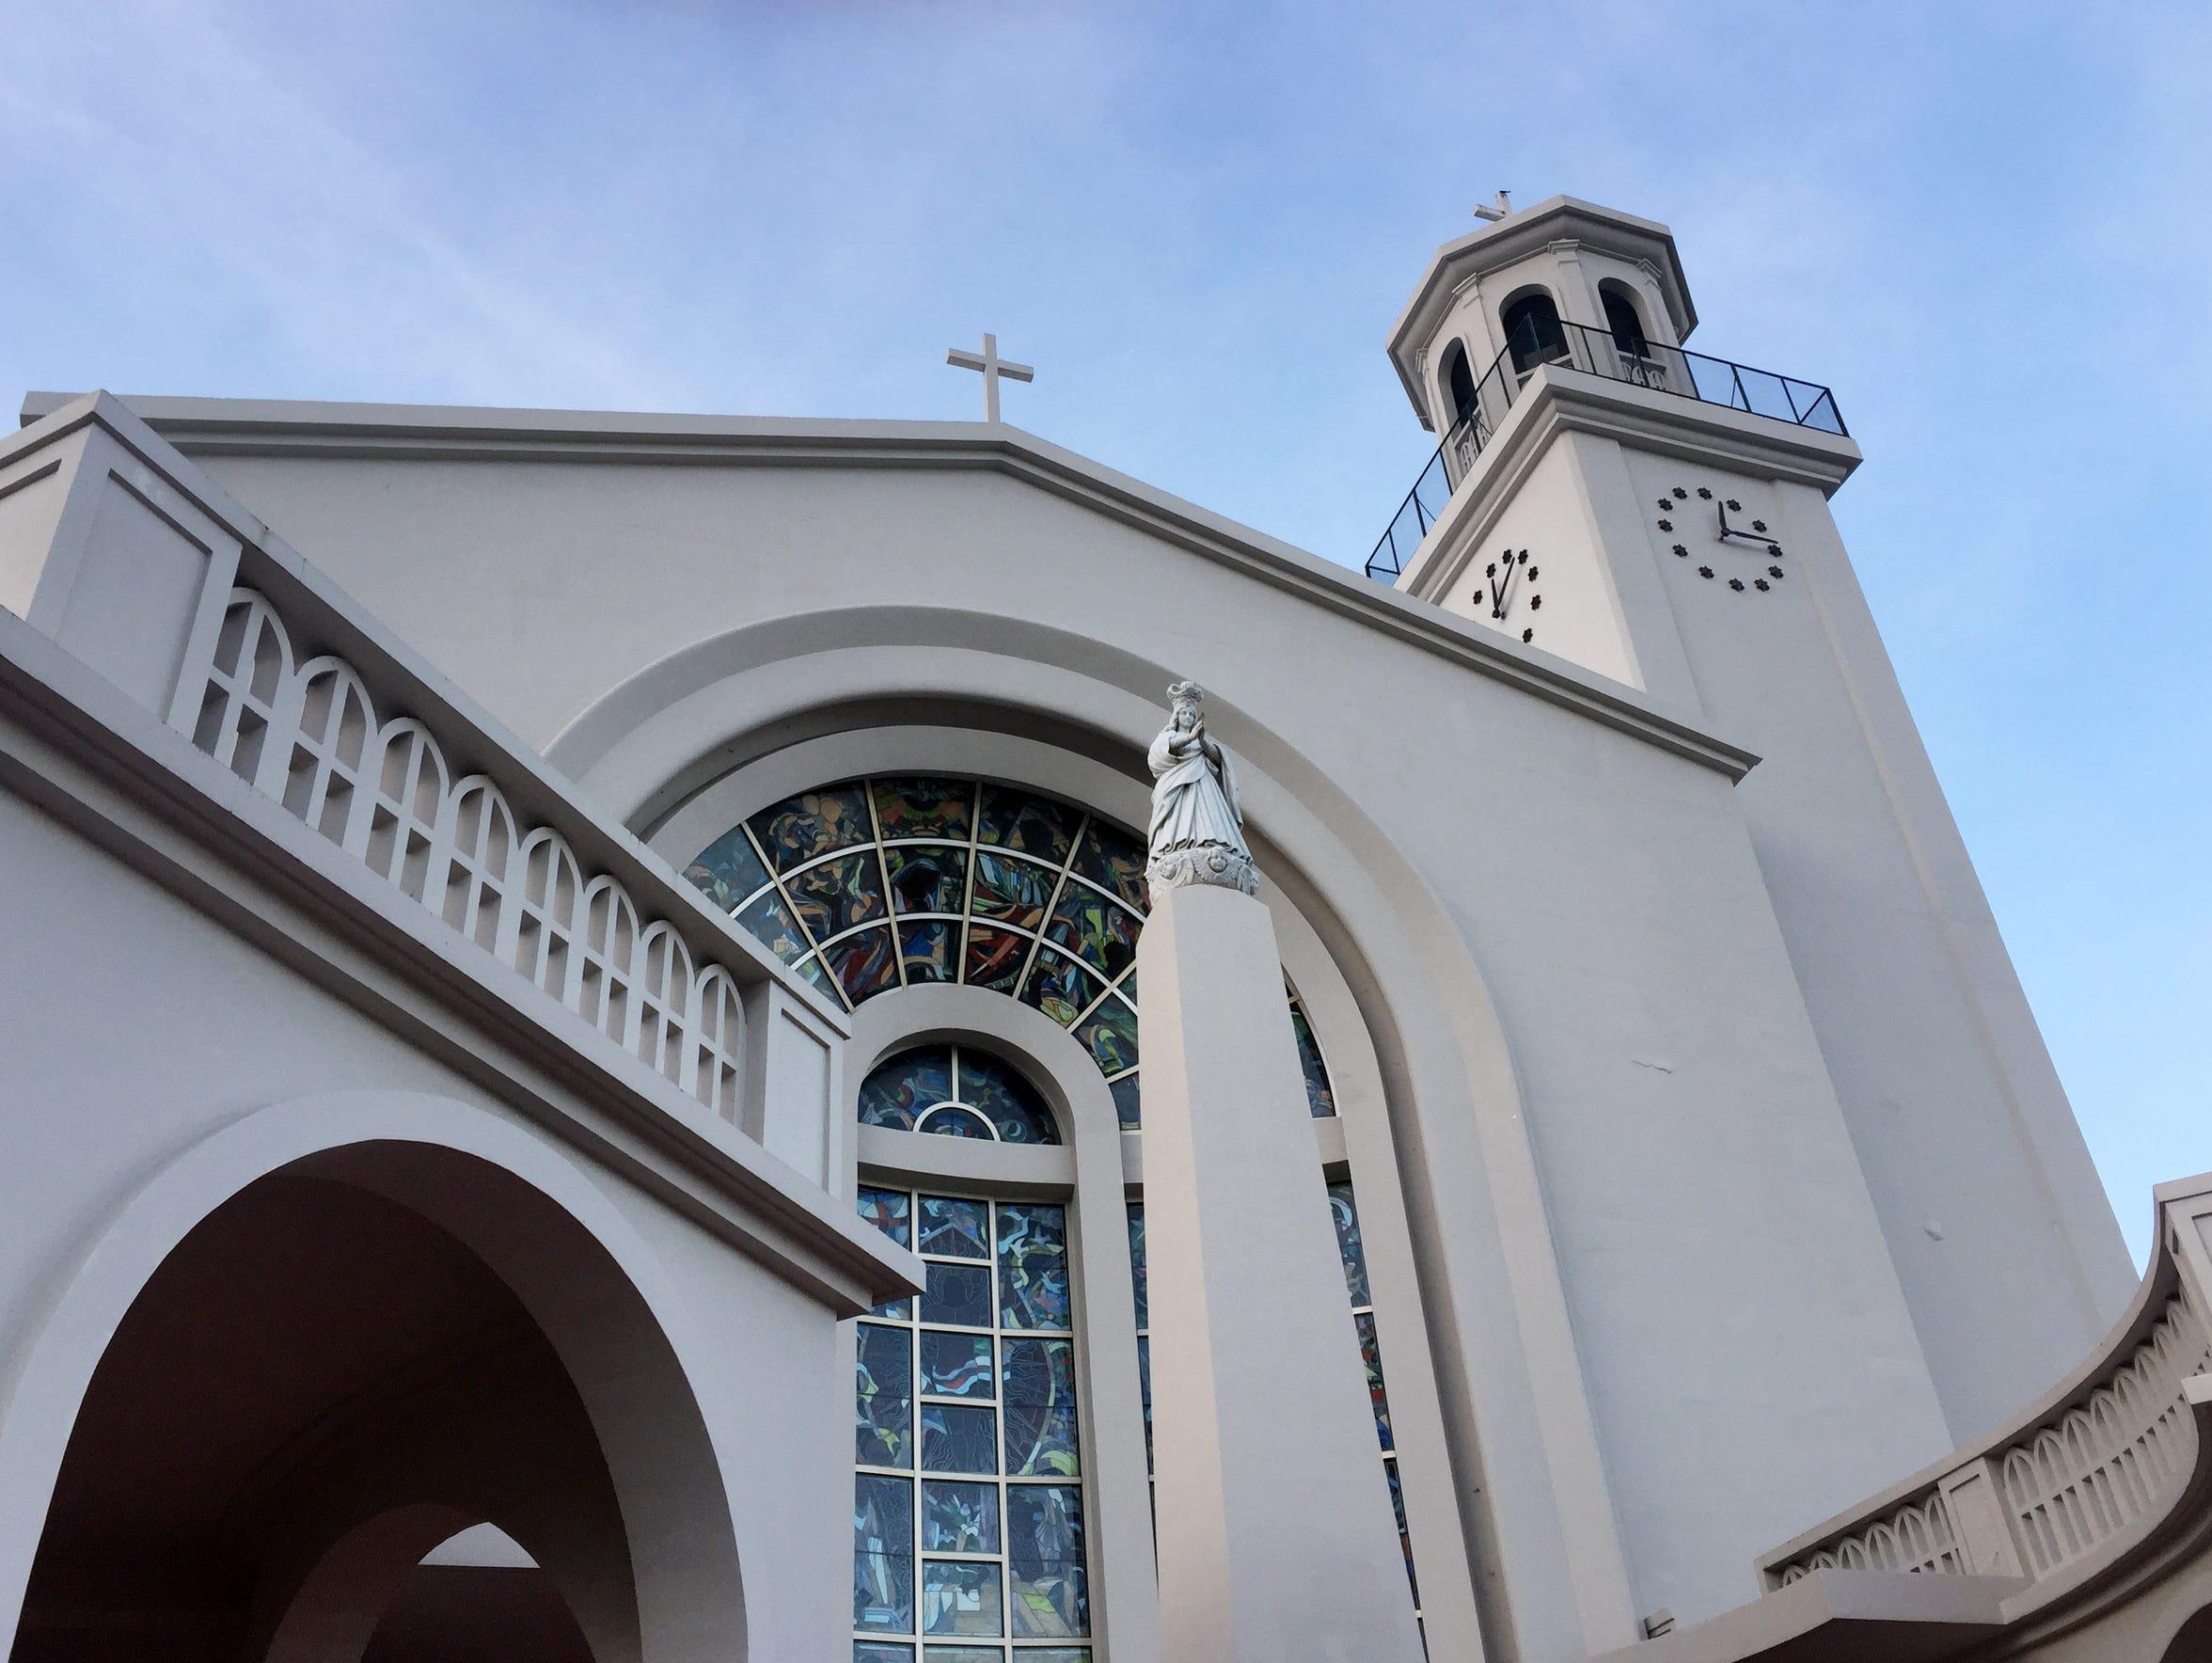 The Dulce Nombre de Maria Cathedral-Basilica in Hagåtña